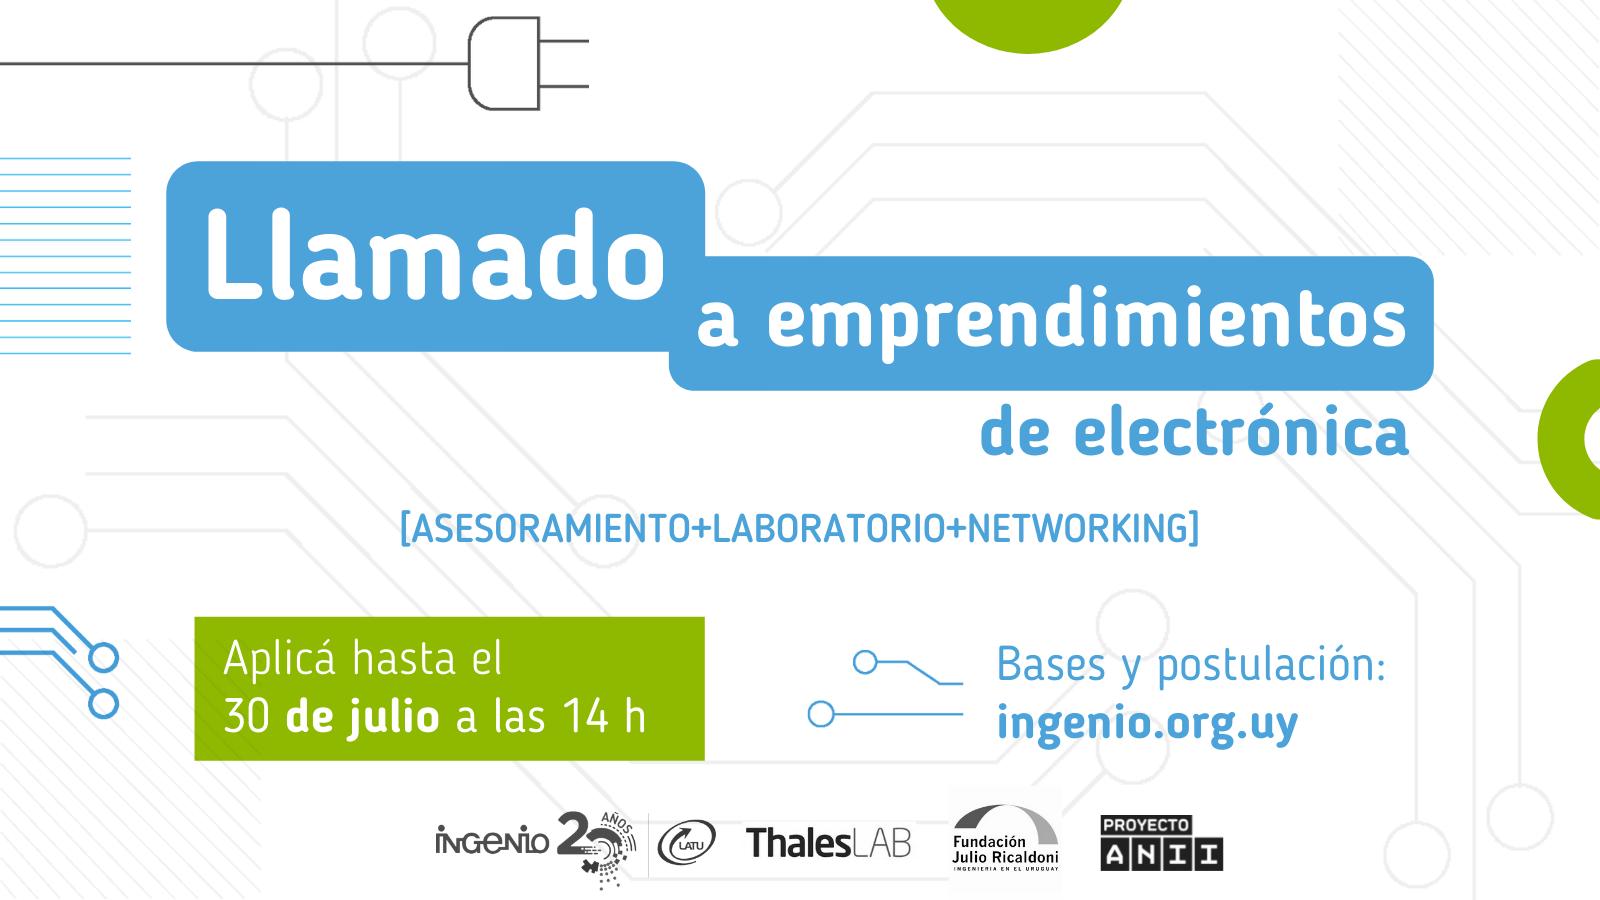 Plazo extendido: Llamado a emprendimientos de electrónica